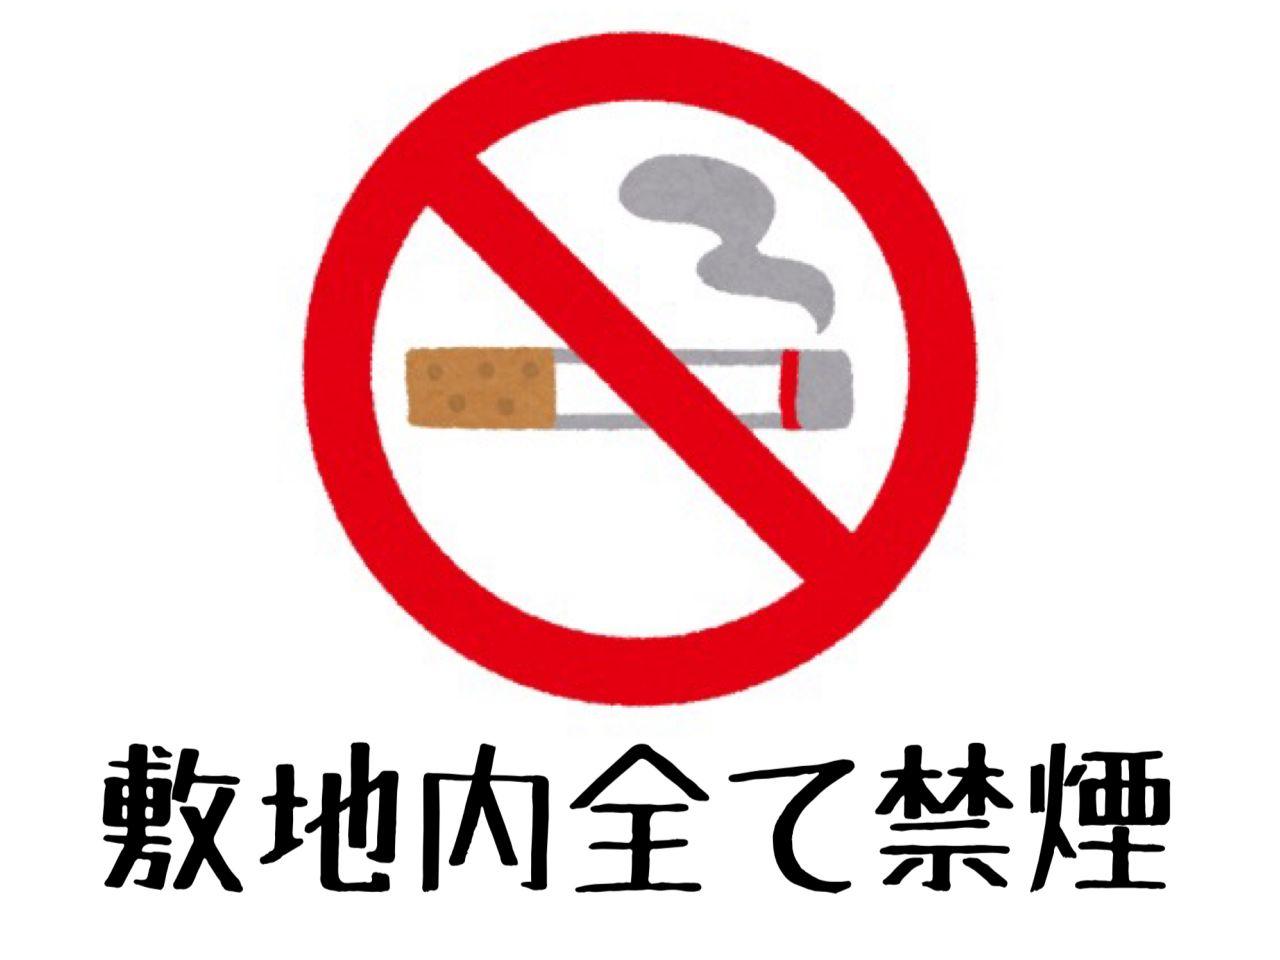 山口県宇部市のはるおかスイミングスクール宇部校禁煙🚭